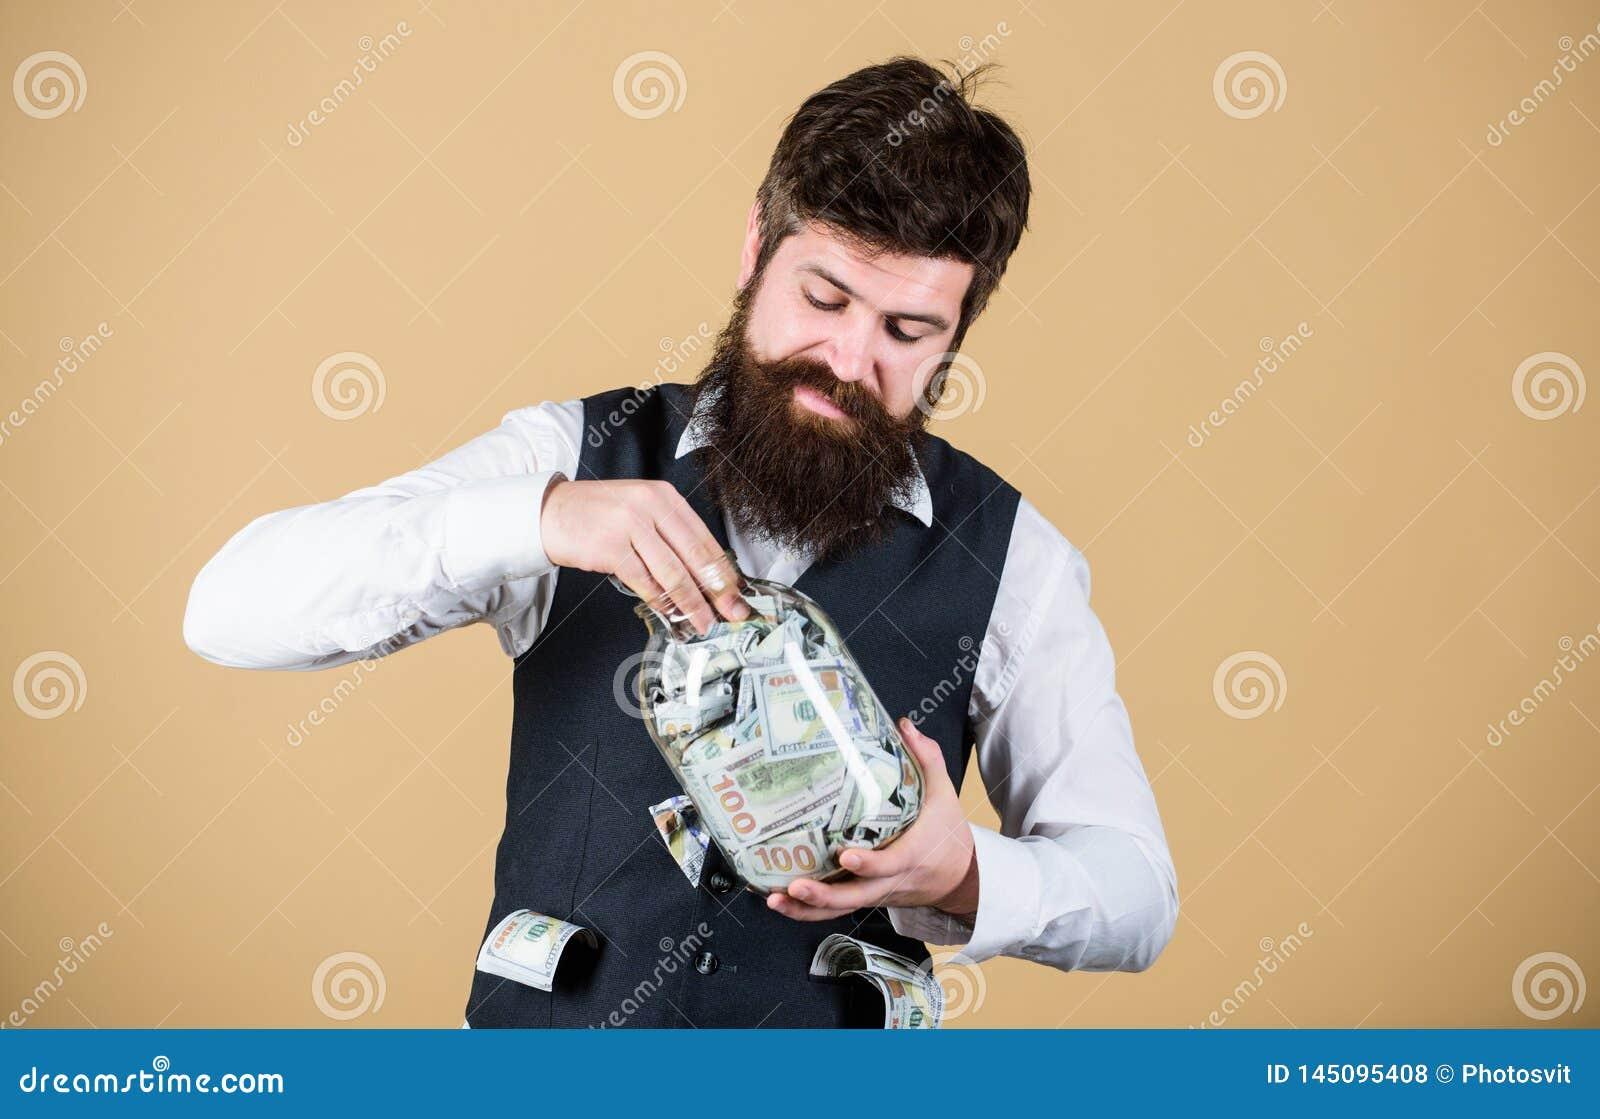 Verbergend geld voor toekomstig gebruik Gebaarde mens die geld van glaskruik investeren voor toekomstige winsten Zakenman die con